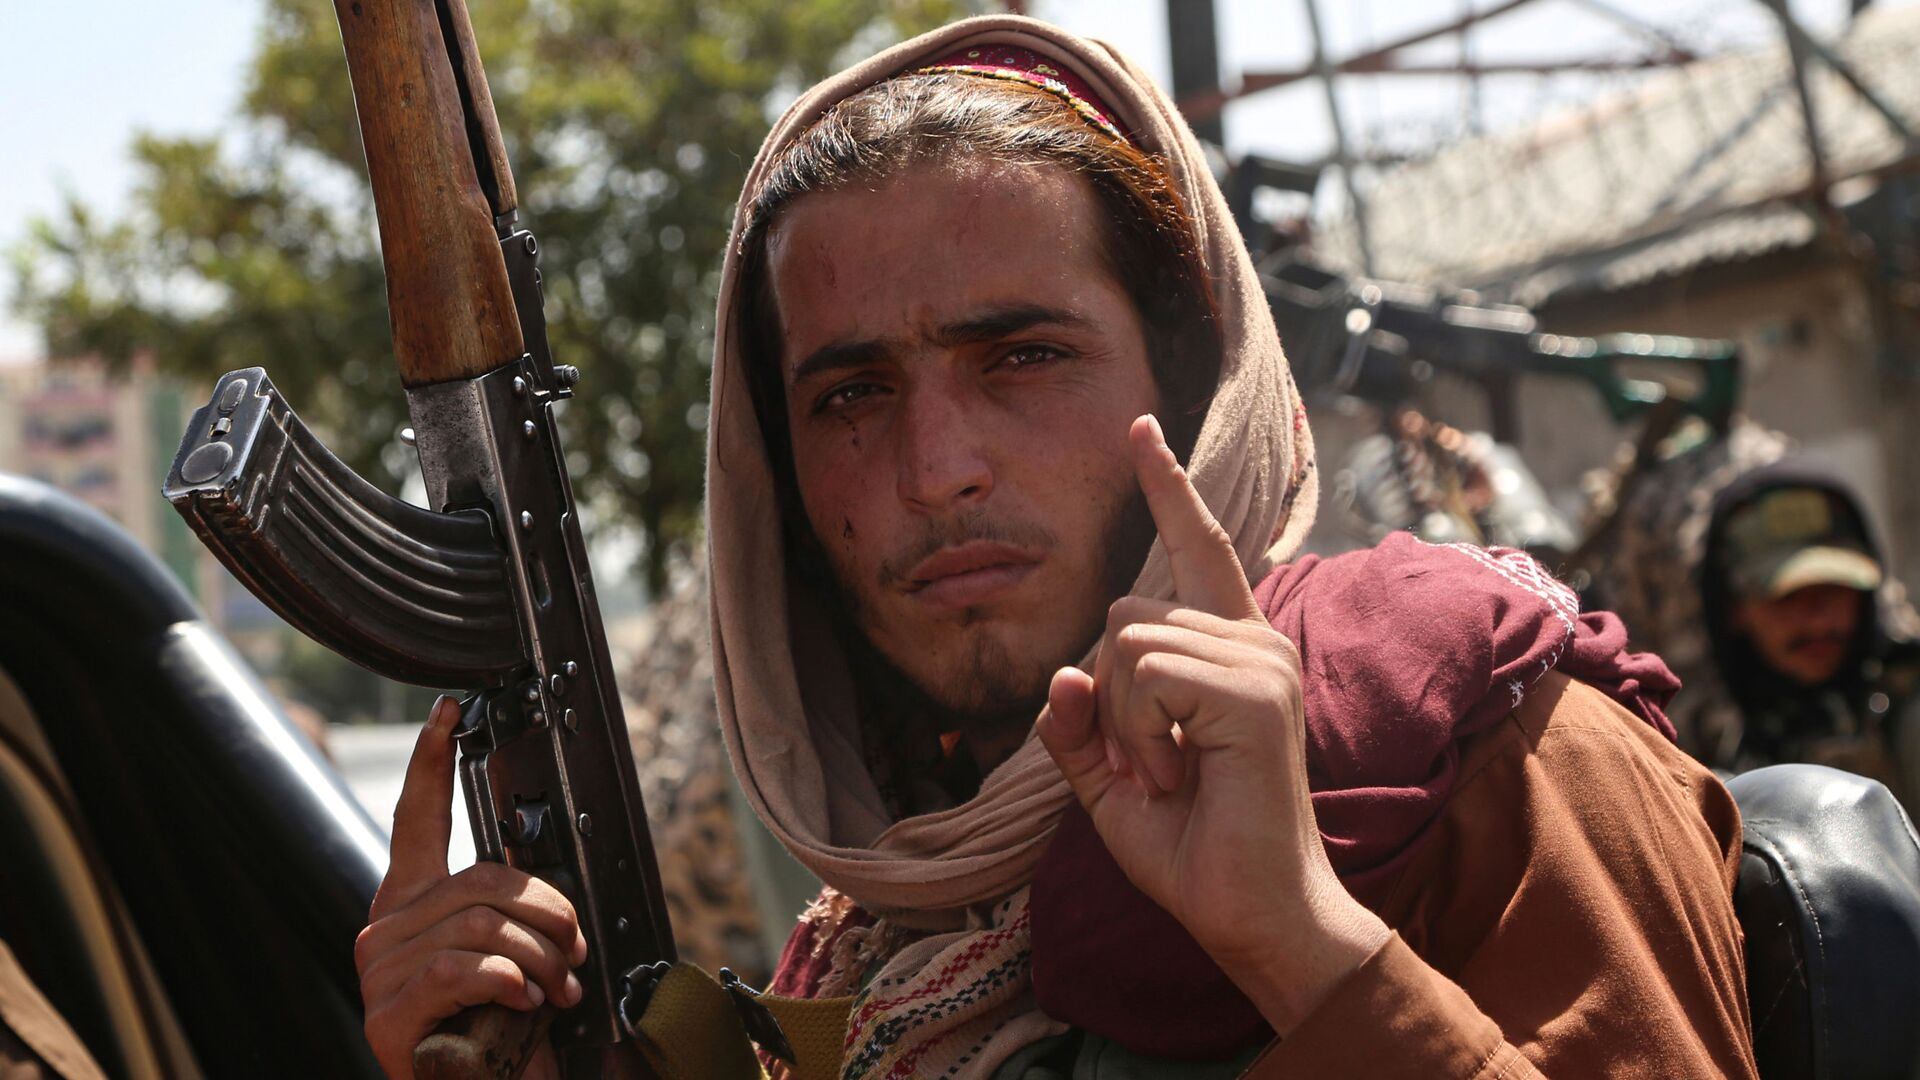 Situation en Afghanistan après le retour des talibans* au pouvoir, août 2021  - Sputnik France, 1920, 08.09.2021